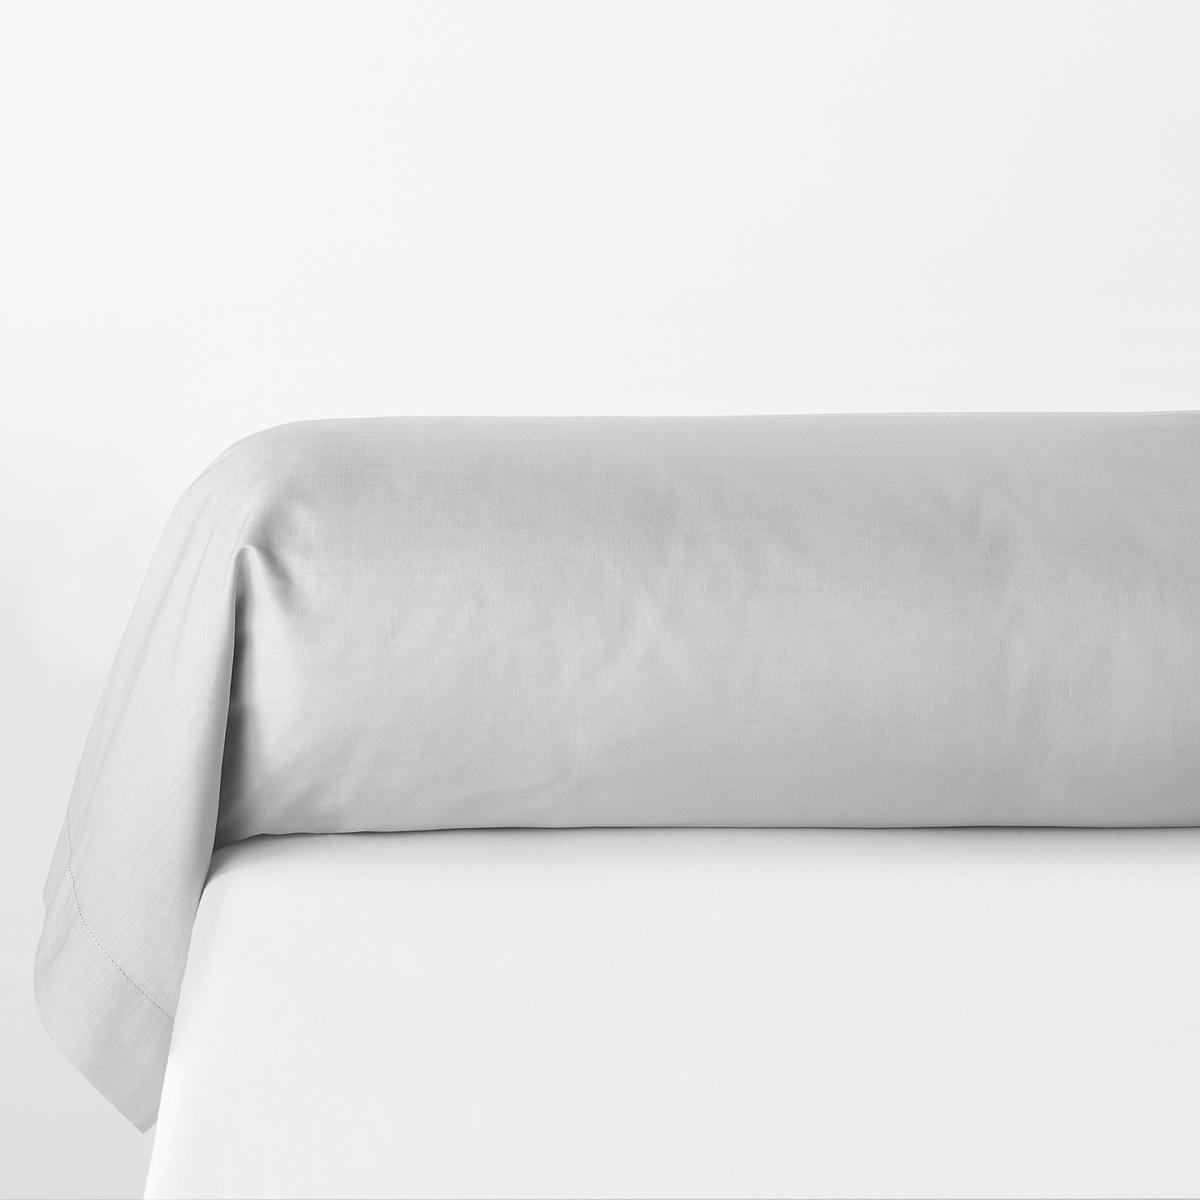 Наволочка La Redoute На подушку-валик из поликоттона SCENARIO 85 x 185 см серый чехол la redoute на подушку или подушку валик из хлопка scenario 40 x 40 см серый